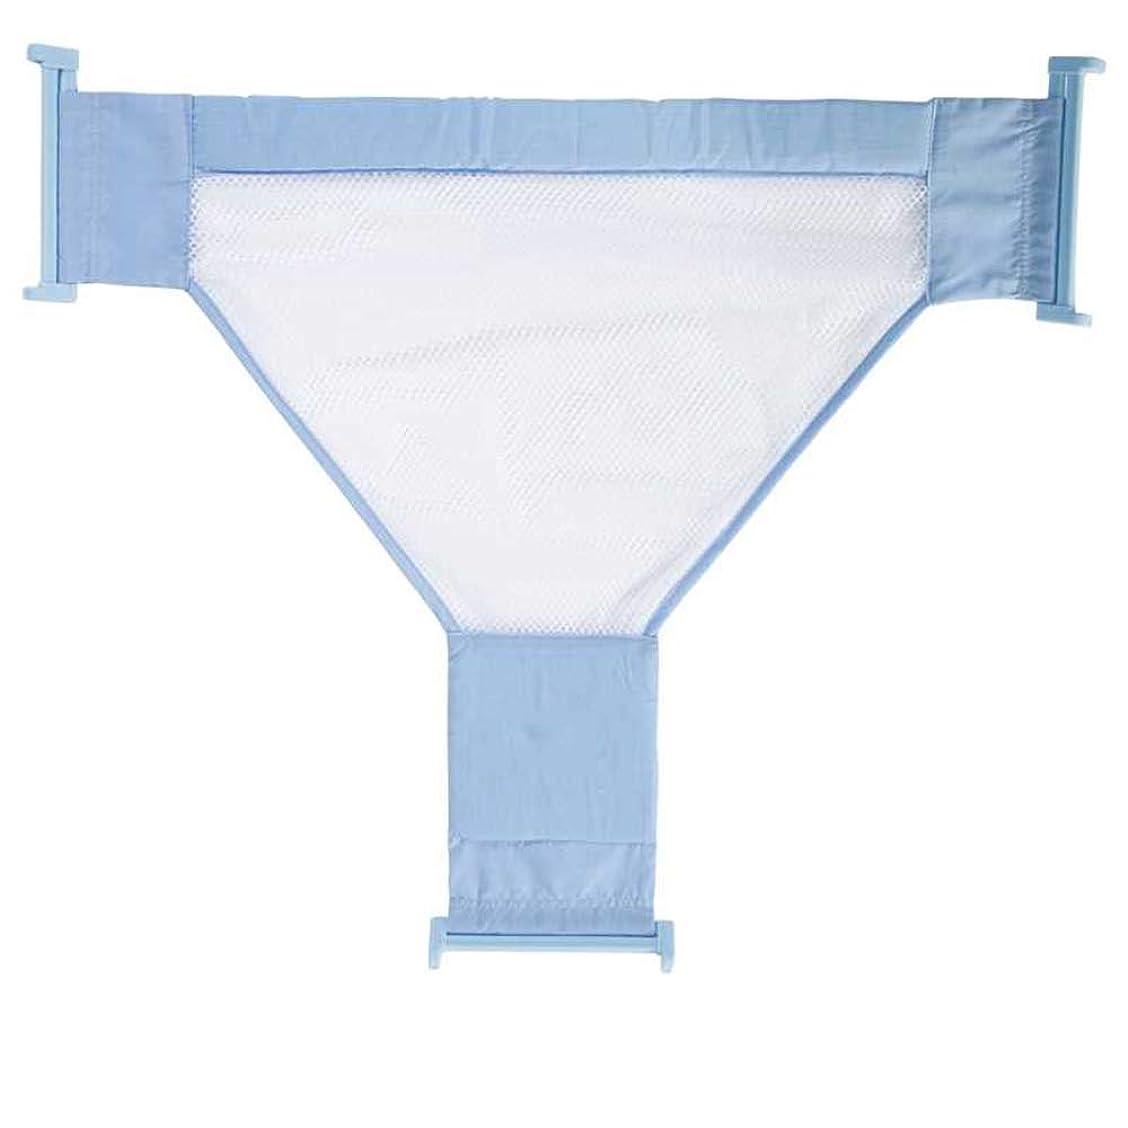 メタルライン暴露特徴づけるOniorT型 調節可能 浴室 ネット 安全 防護 浴槽網 ネットカバー 入浴 サスペンダー 滑り止め 浴槽網 青